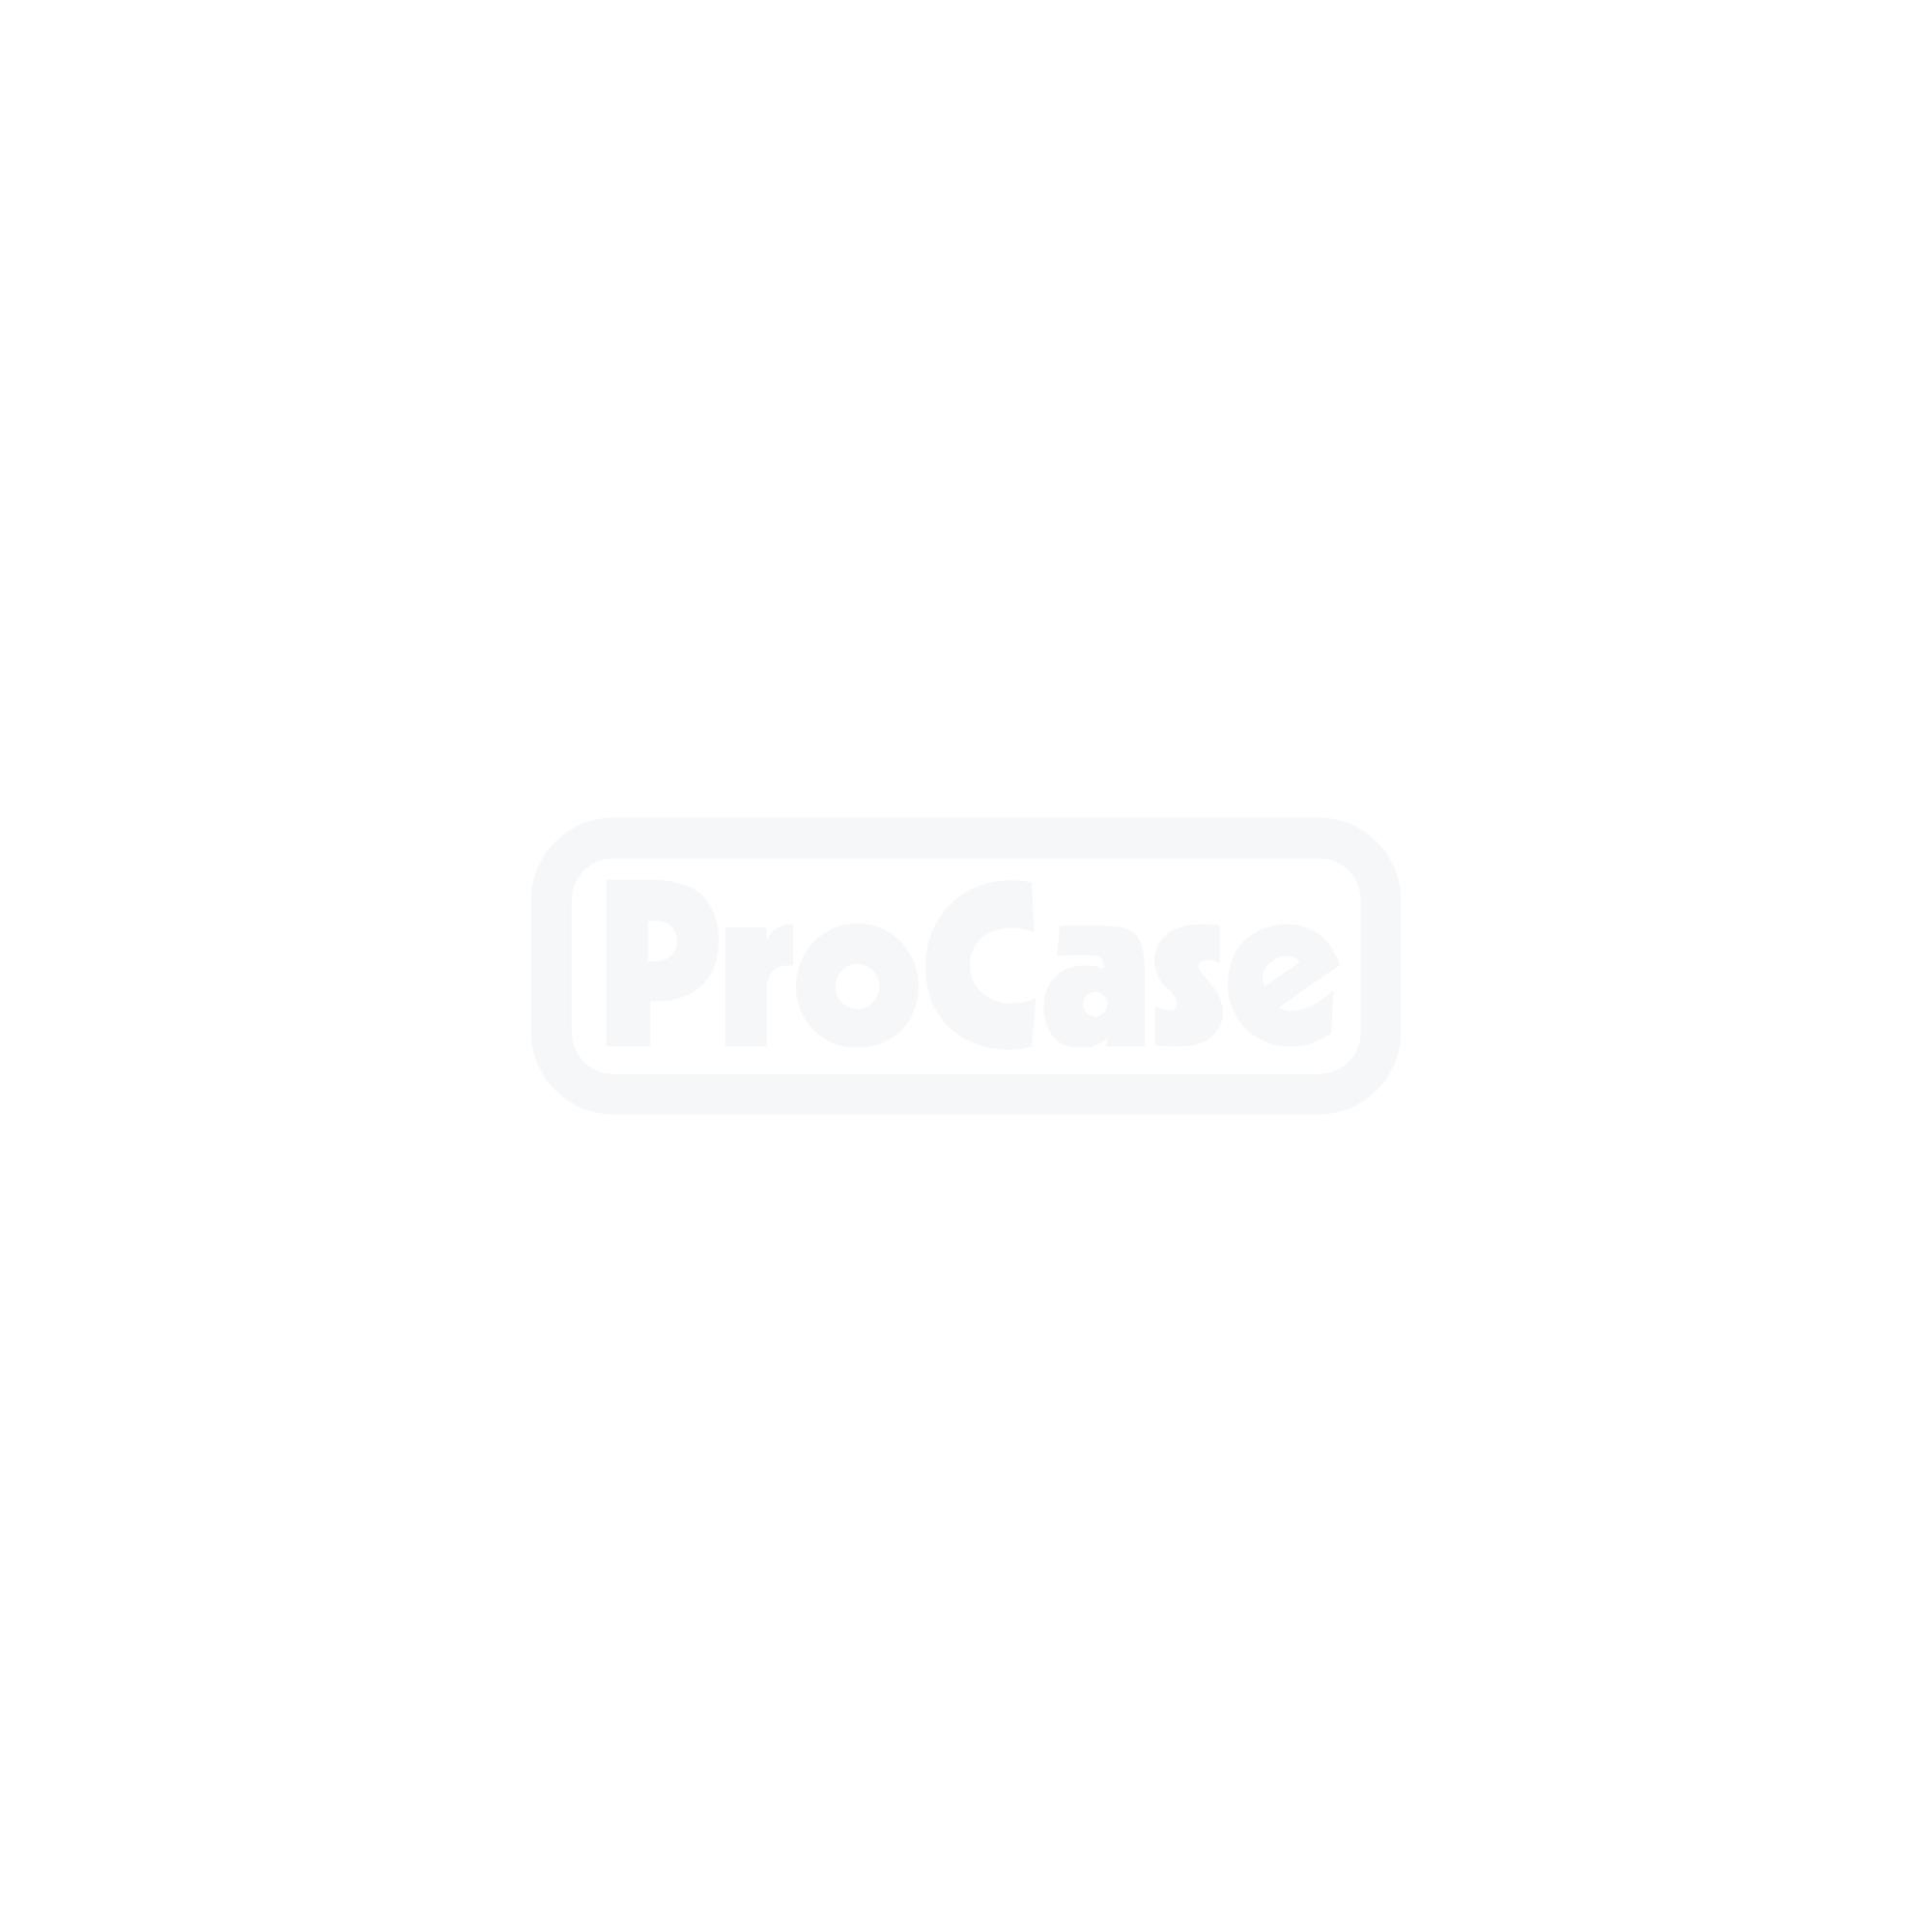 Flipcase für Allen&Heath dLive C1500 mit CDM32